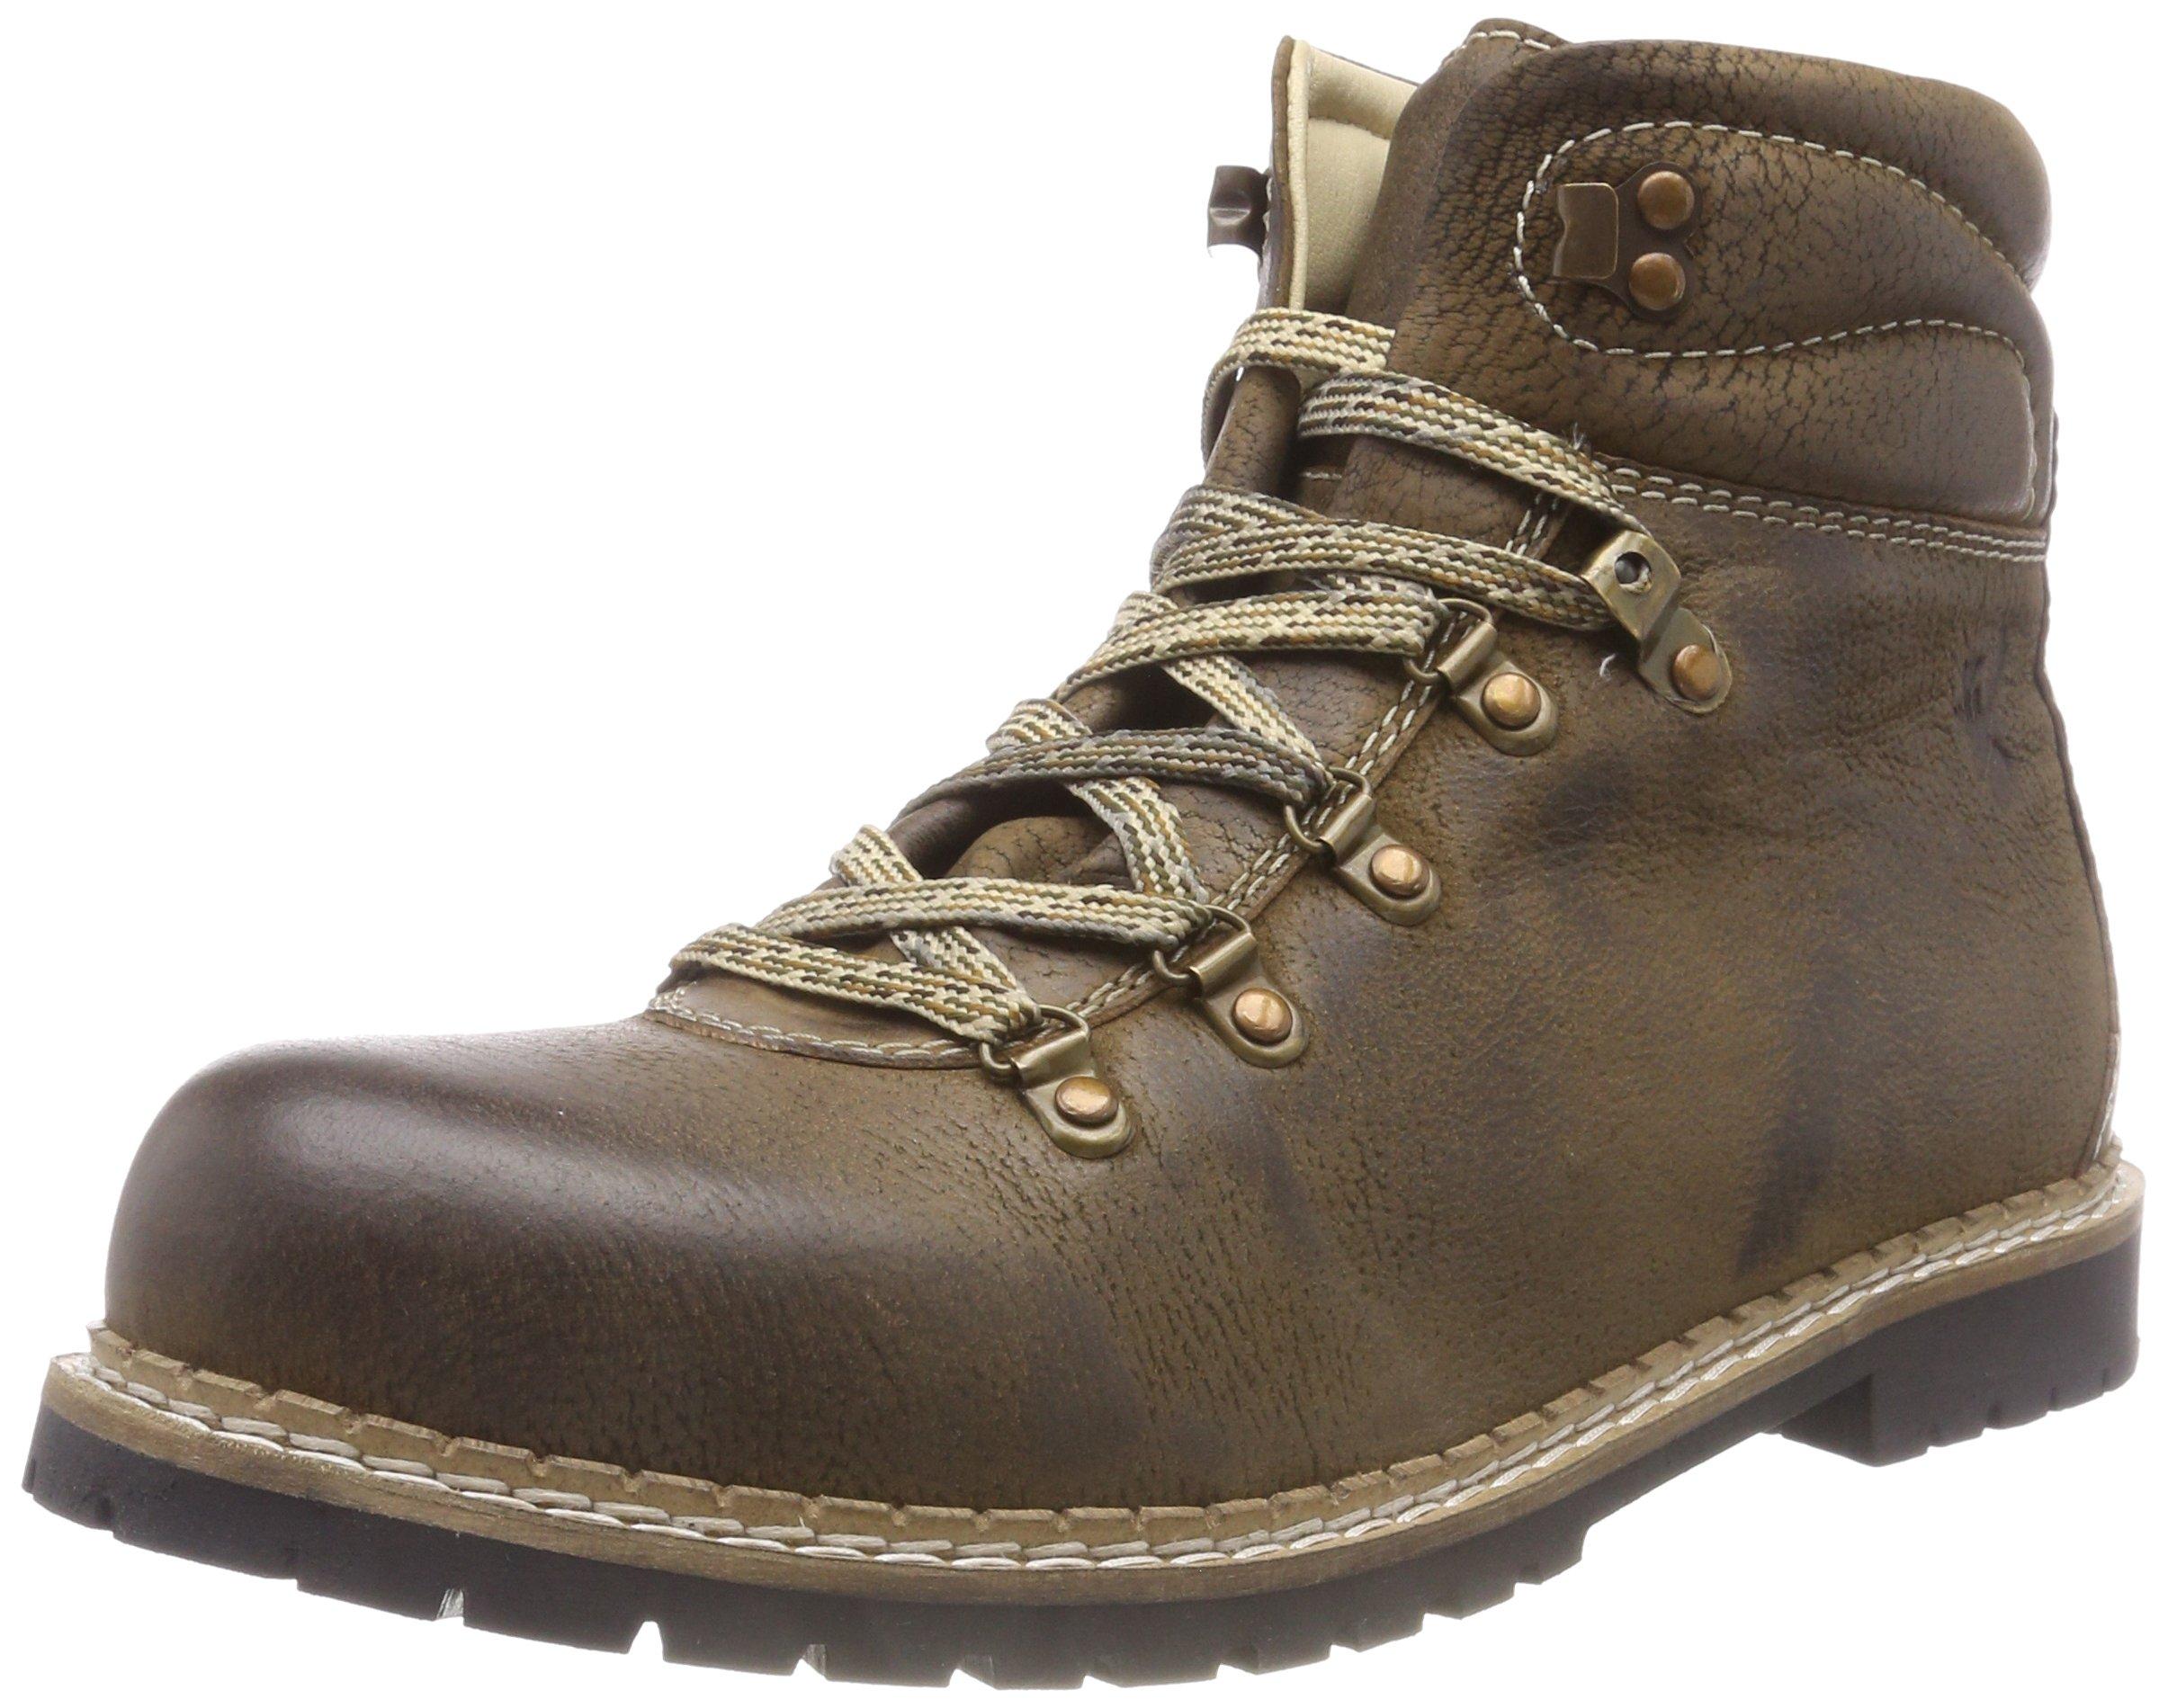 Spiethamp; Wensky Jarrek Rangers H HommeMarronrustic 224441 550 bootsBottes Eu QxrBothdCs